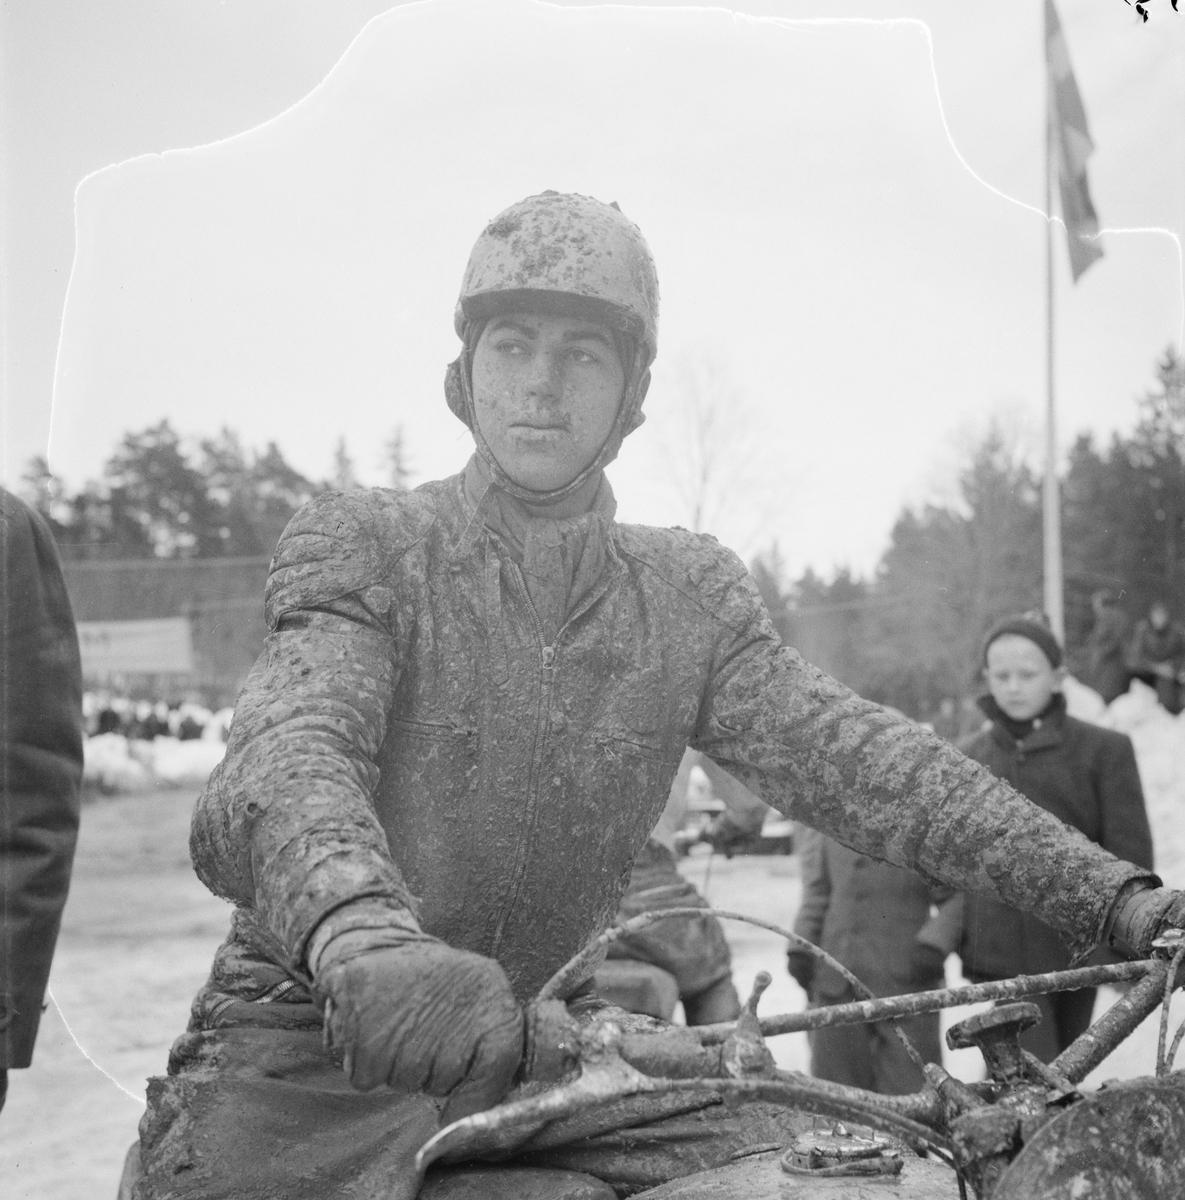 Motocross i Tjocksta, Danmarks socken, Uppland 1954